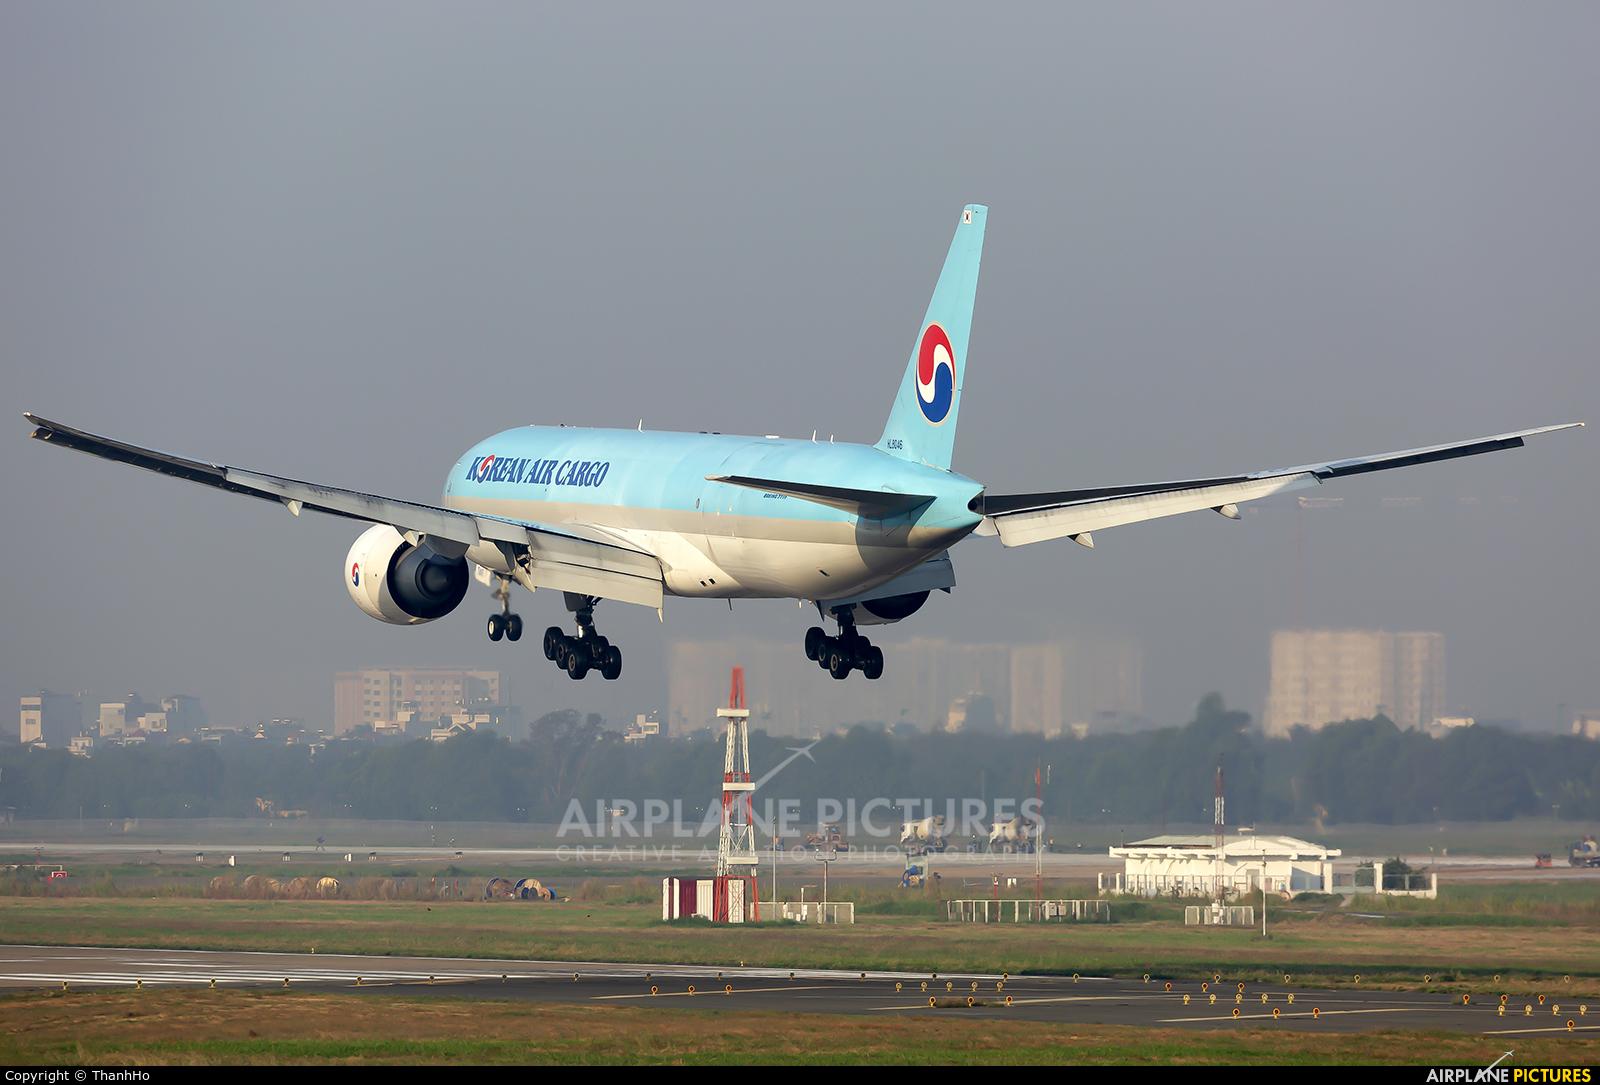 Korean Air Cargo HL8046 aircraft at Ho Chi Minh City - Tan Son Nhat Intl